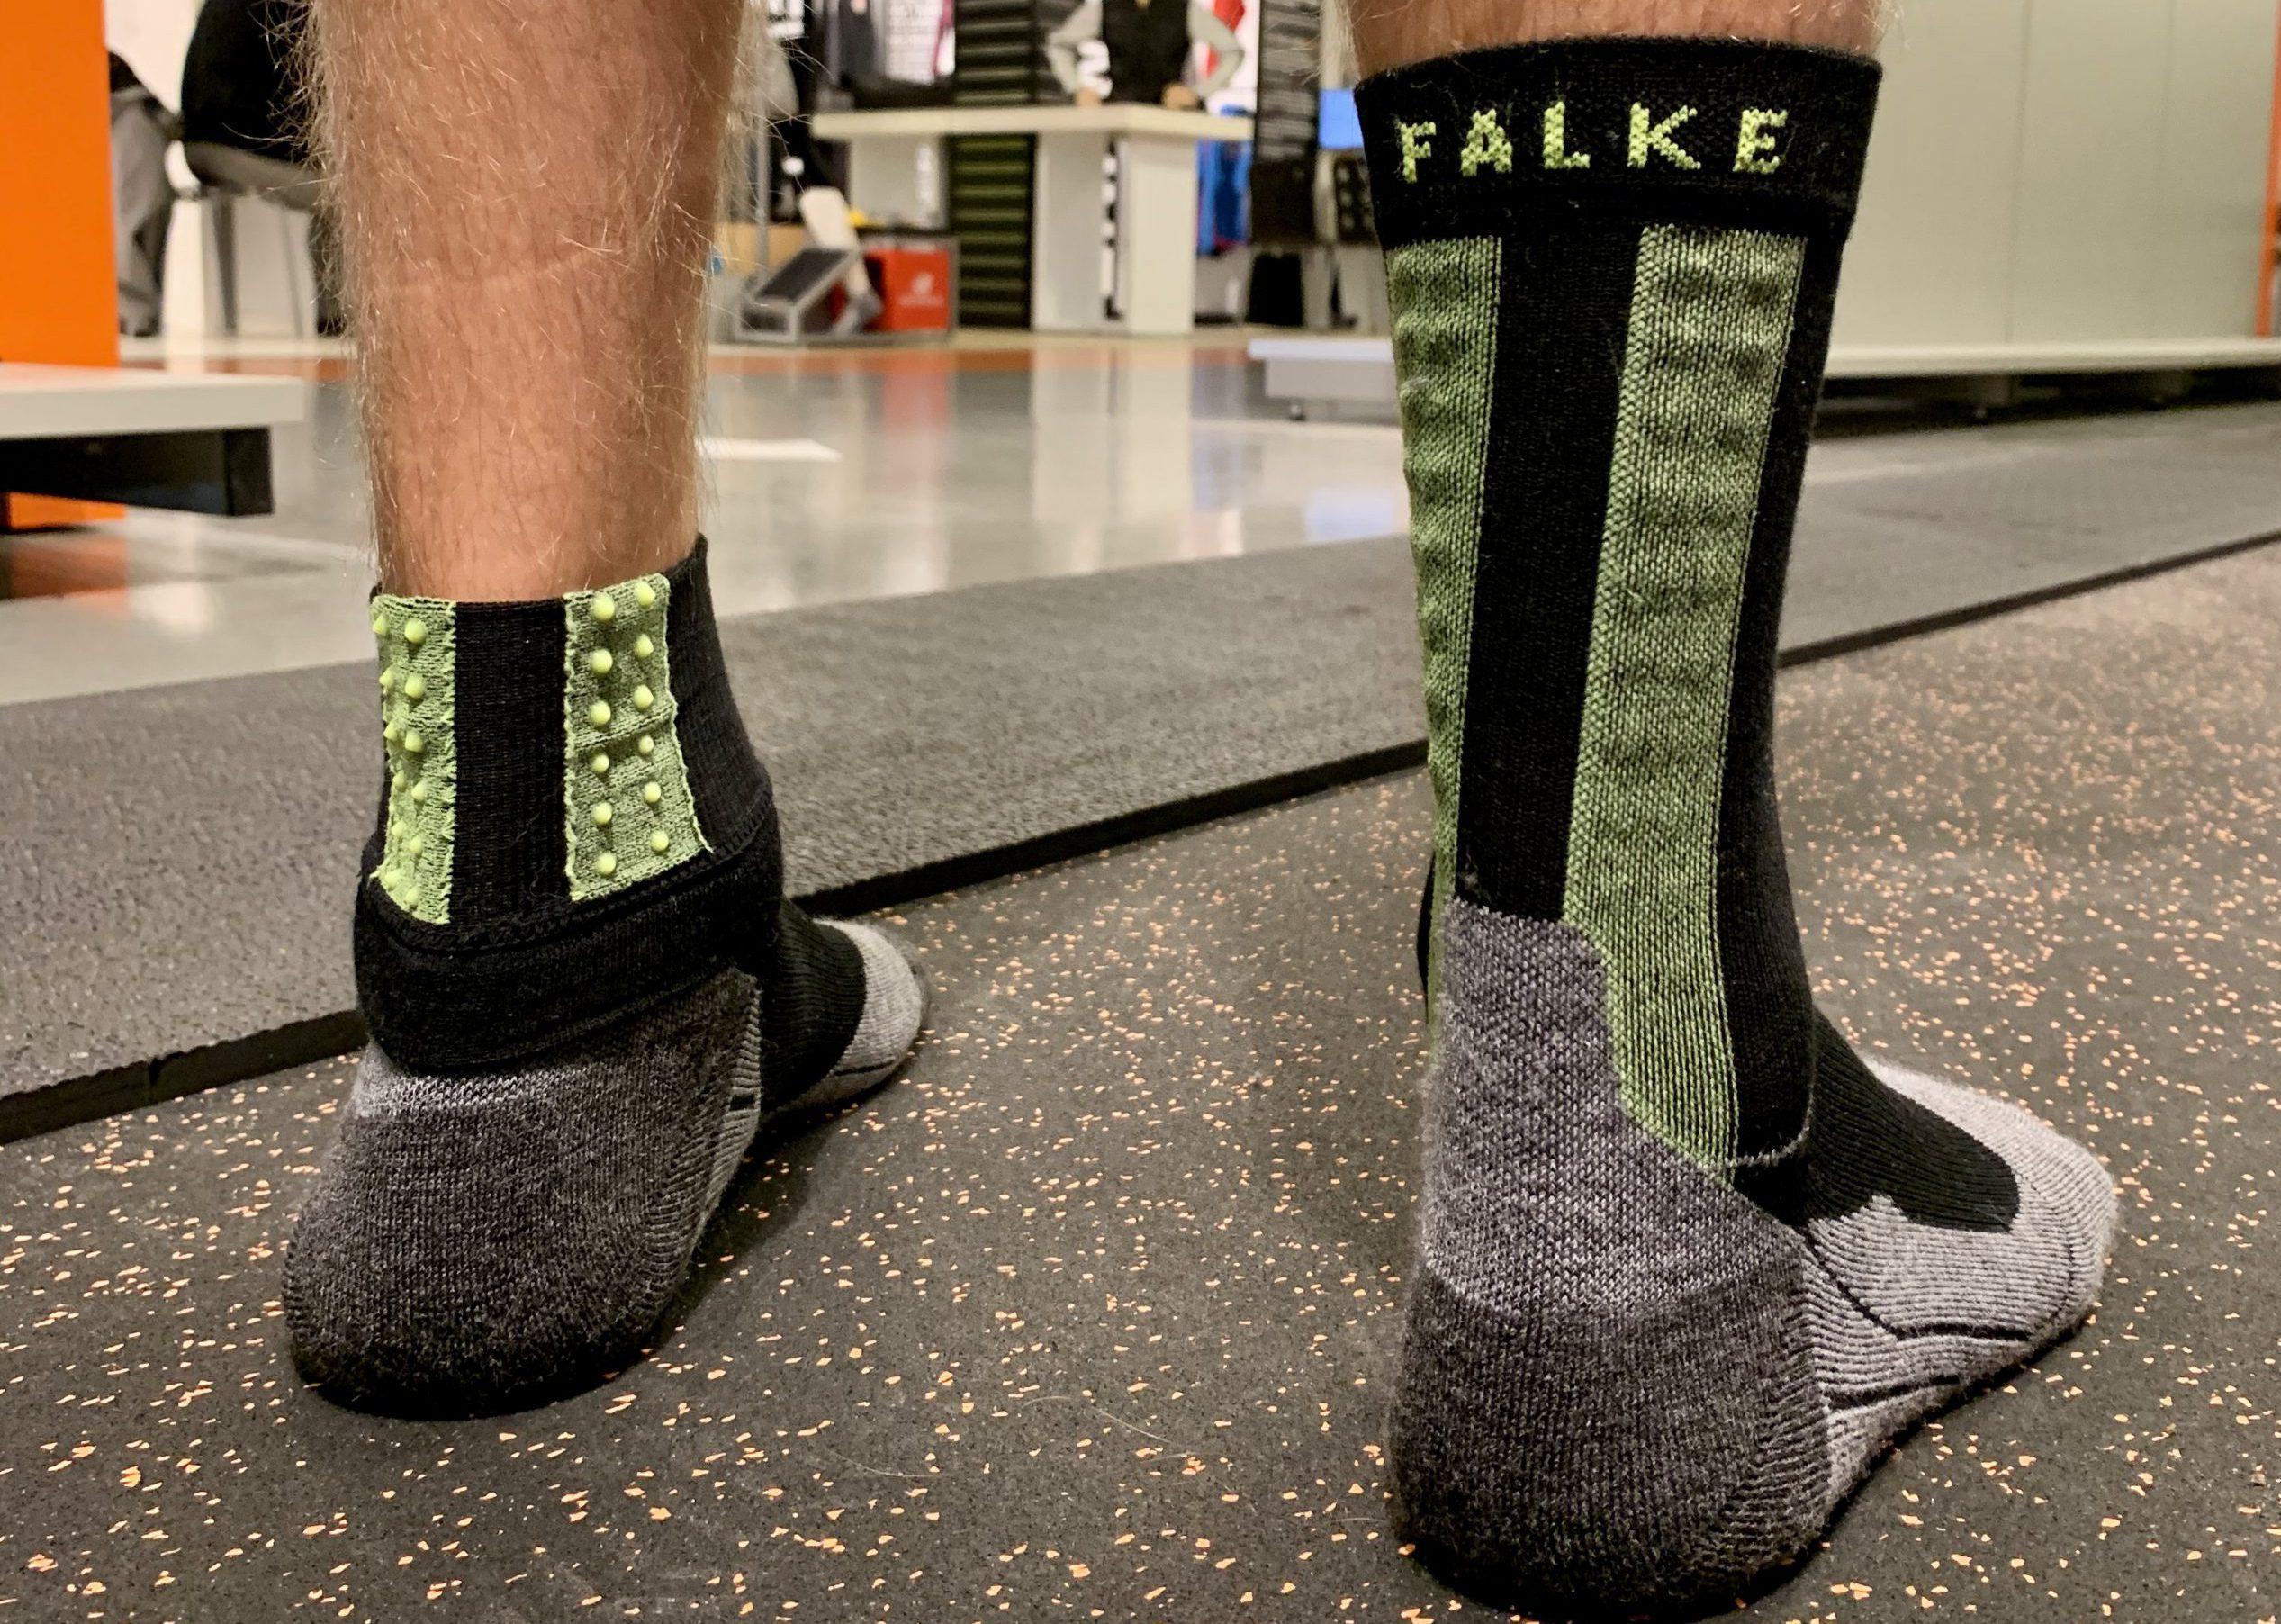 Maak kennis met verschillende typen Falke sokken: